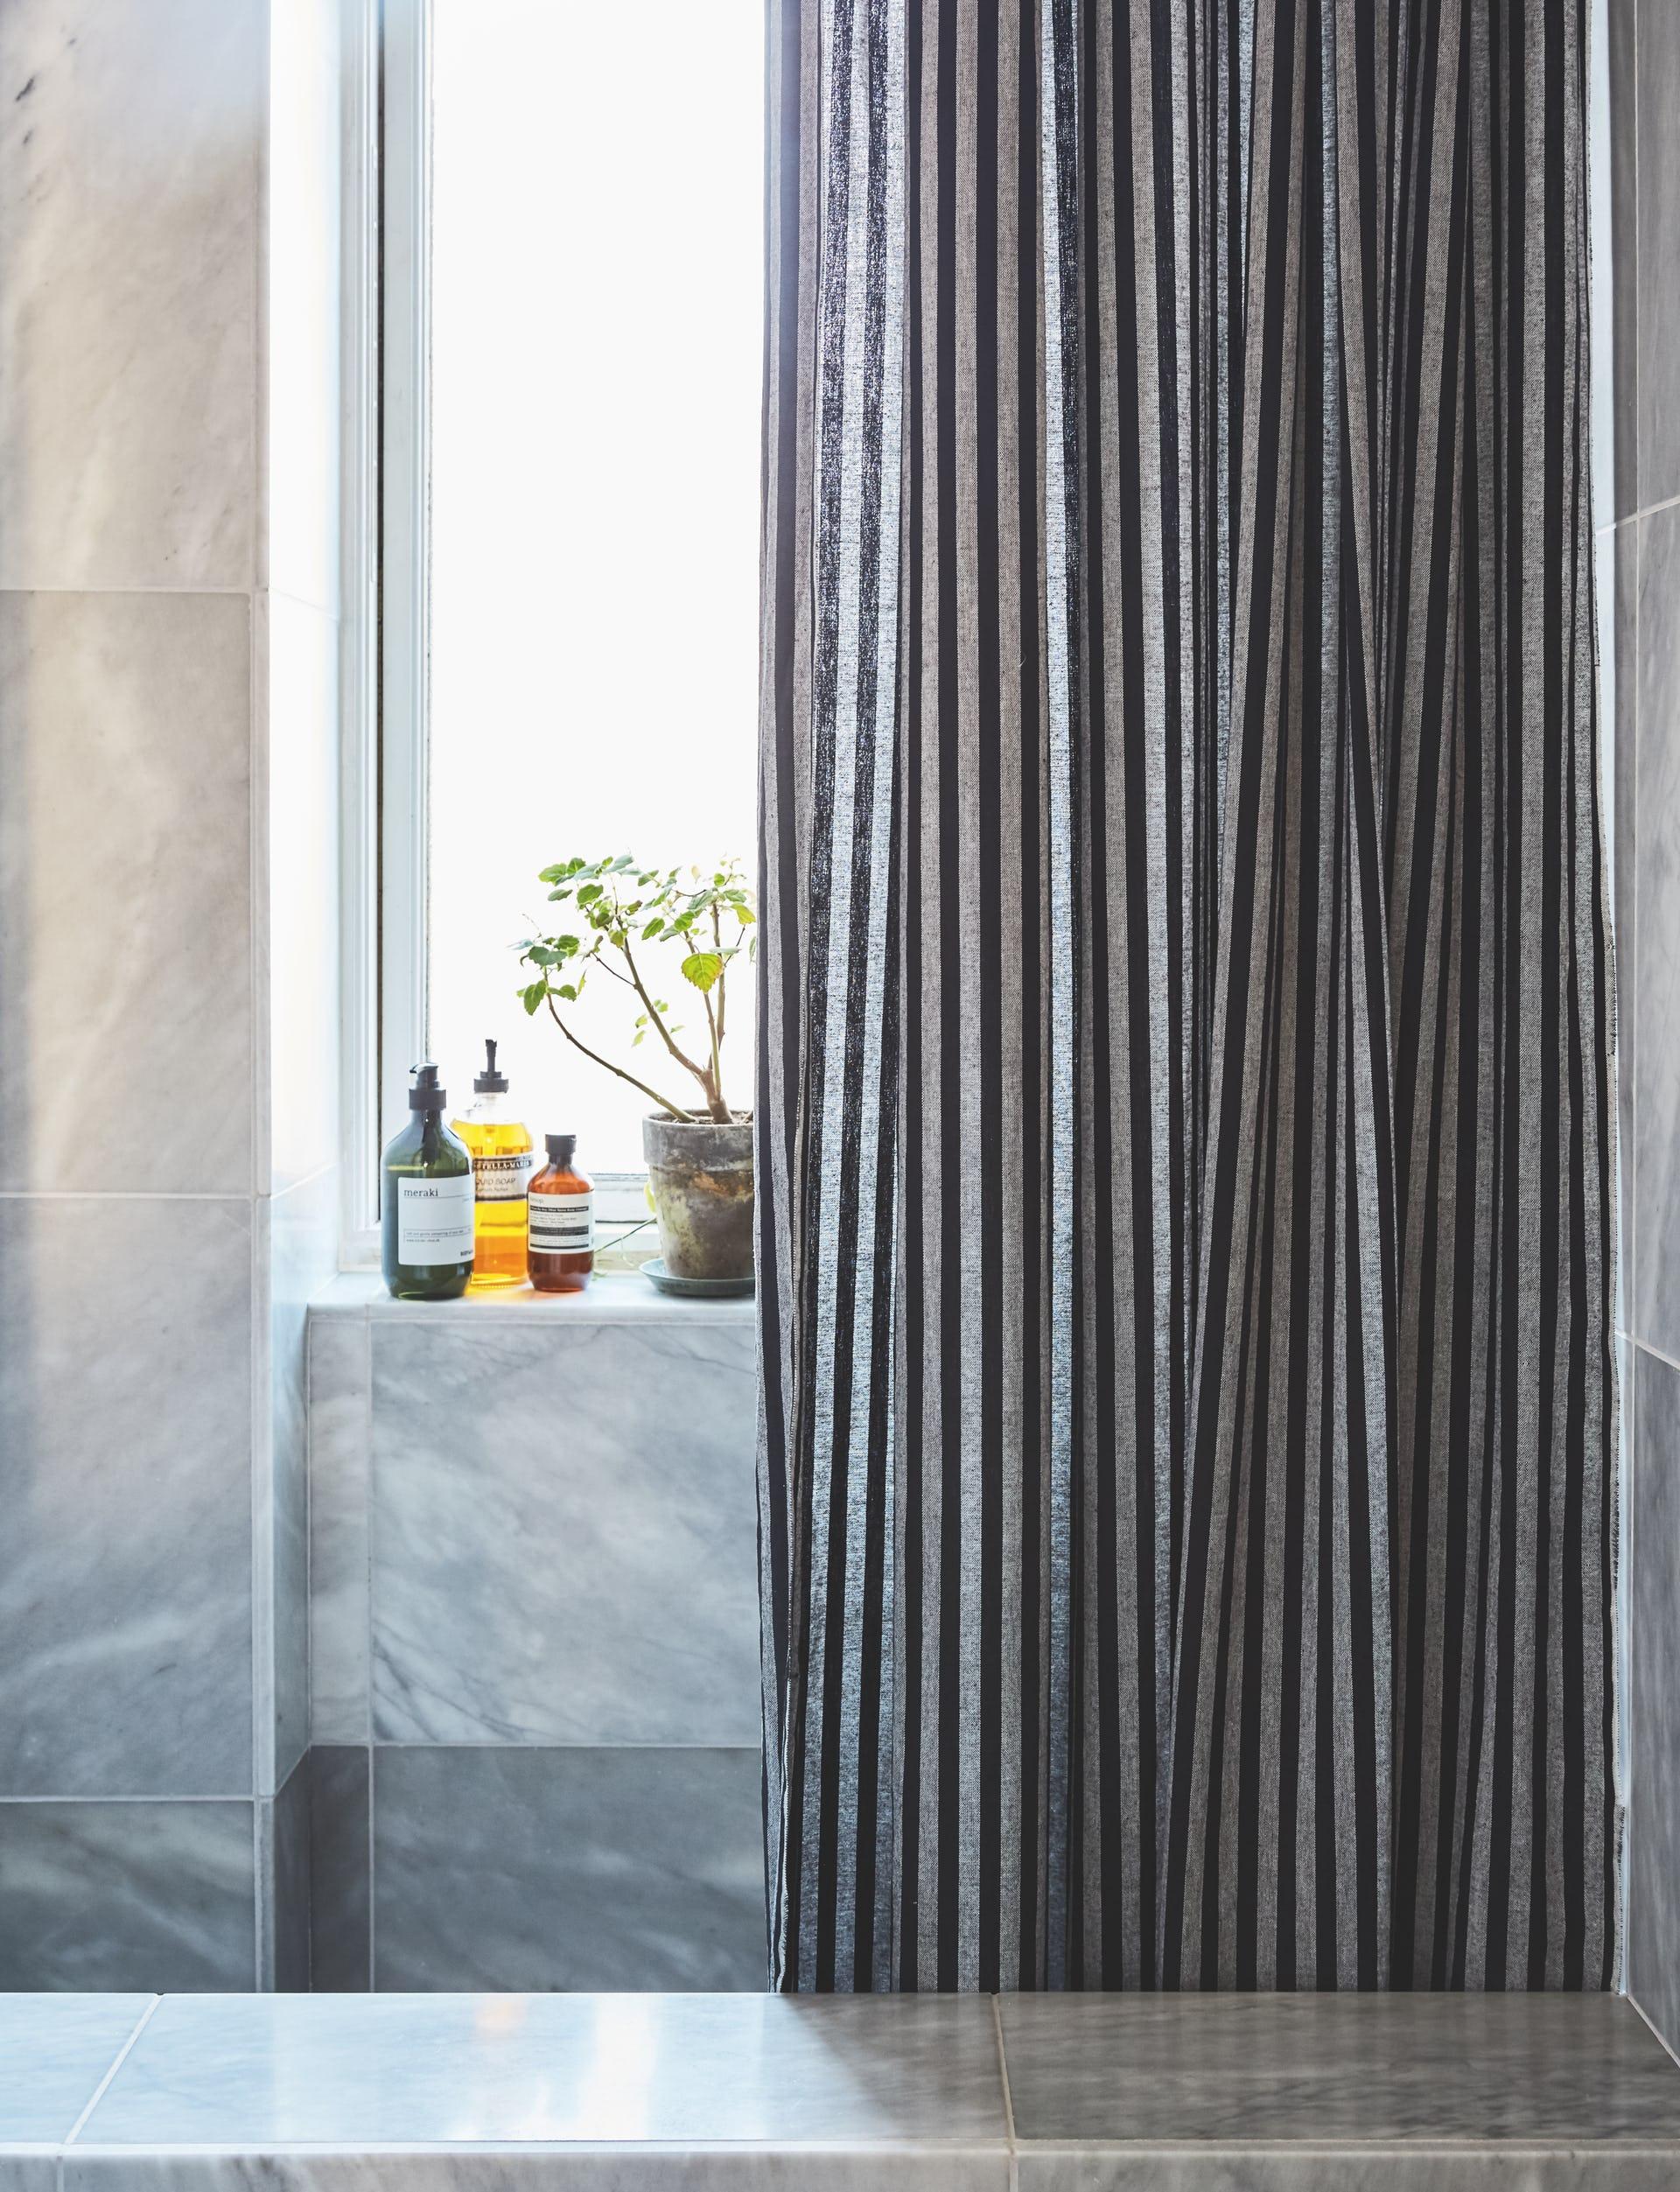 cải tạo nhà tắm thành spa tại gia elledecoration vn 4